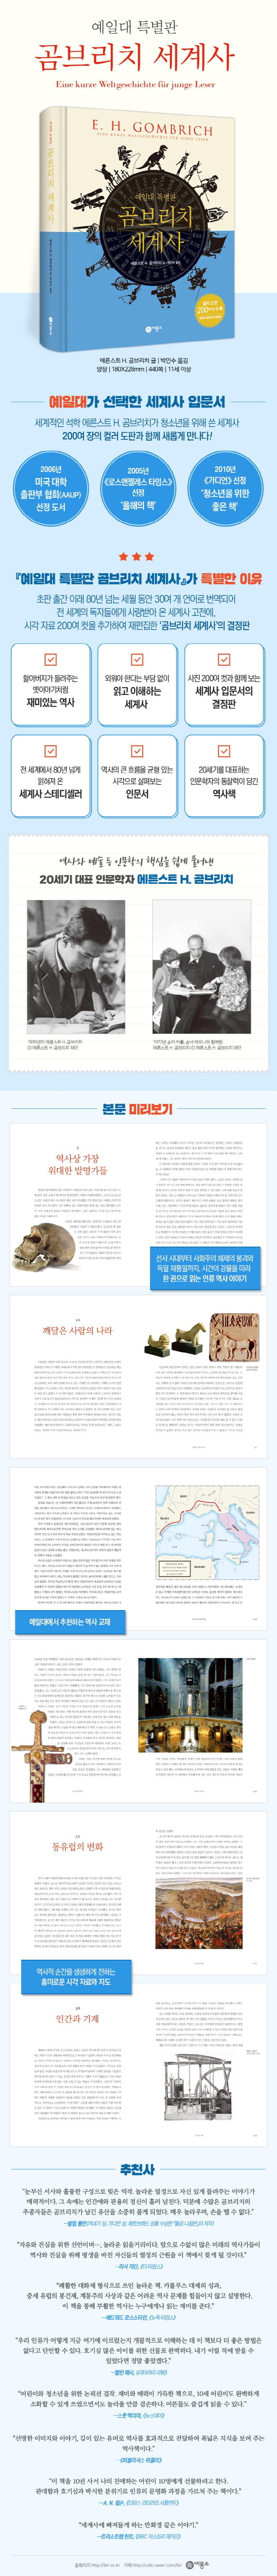 곰브리치 세계사(예일대 특별판)(양장본 HardCover) 도서 상세이미지